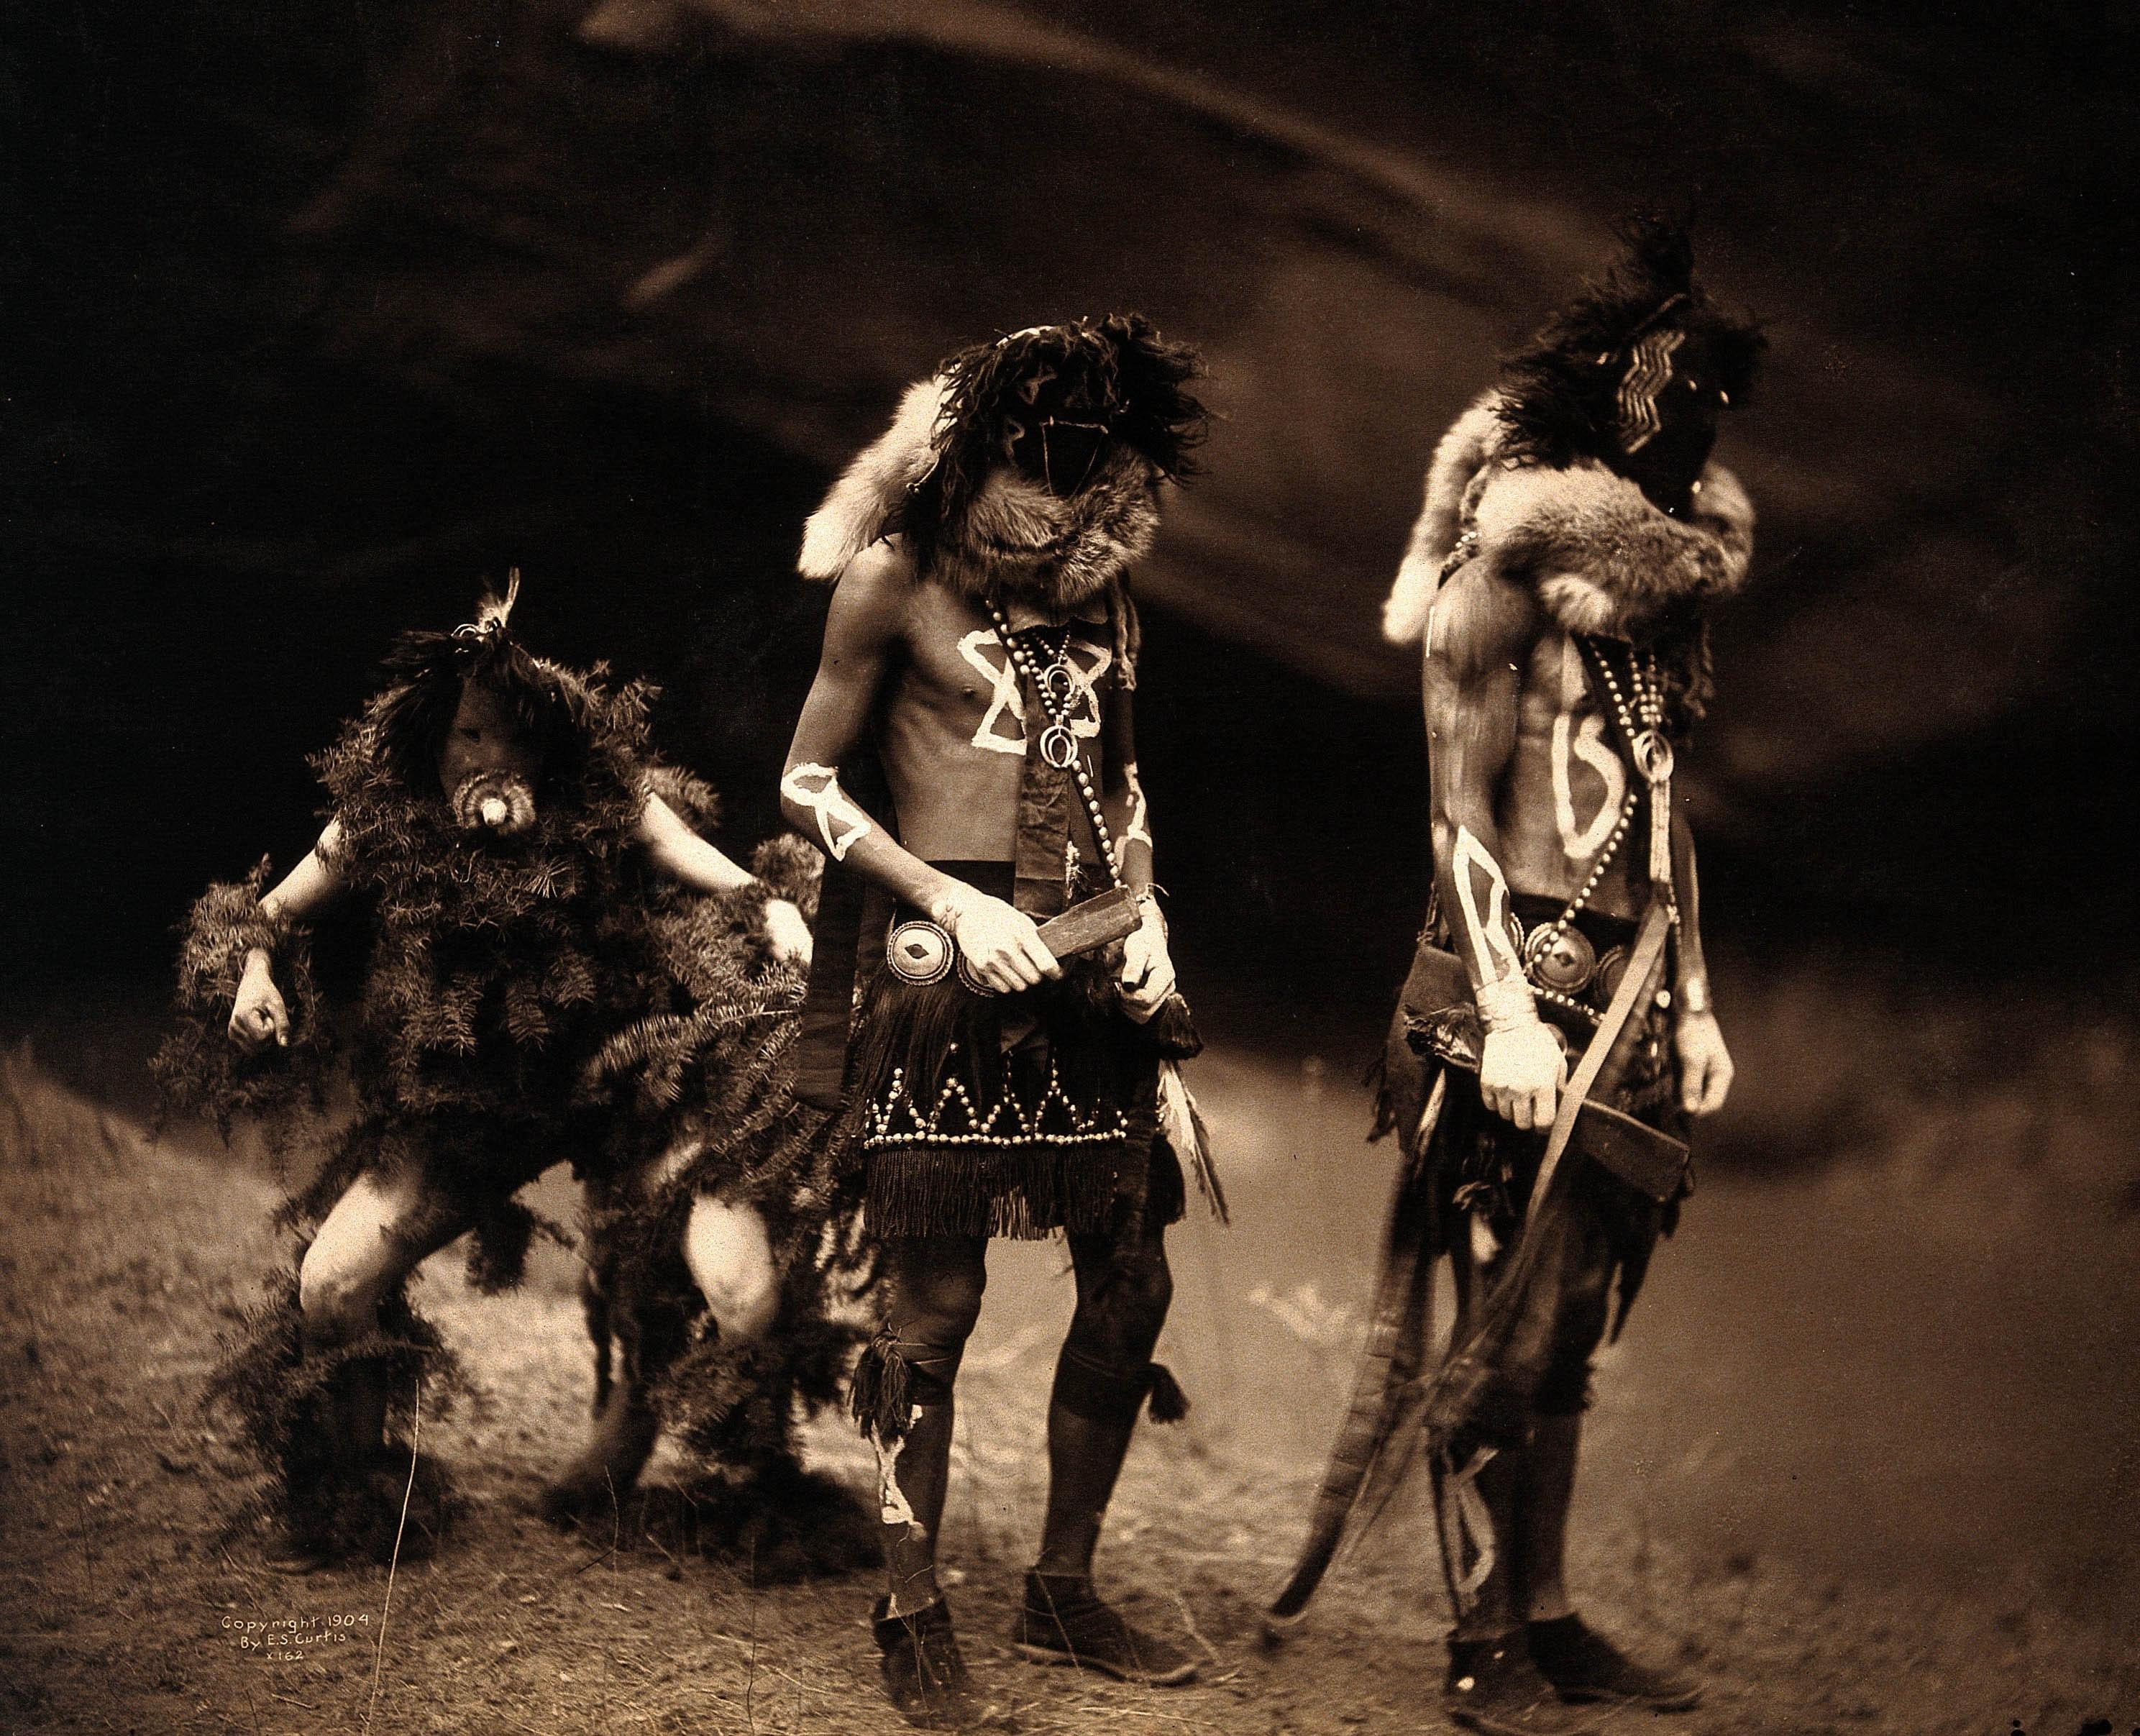 Нравы индейцев сексуальные